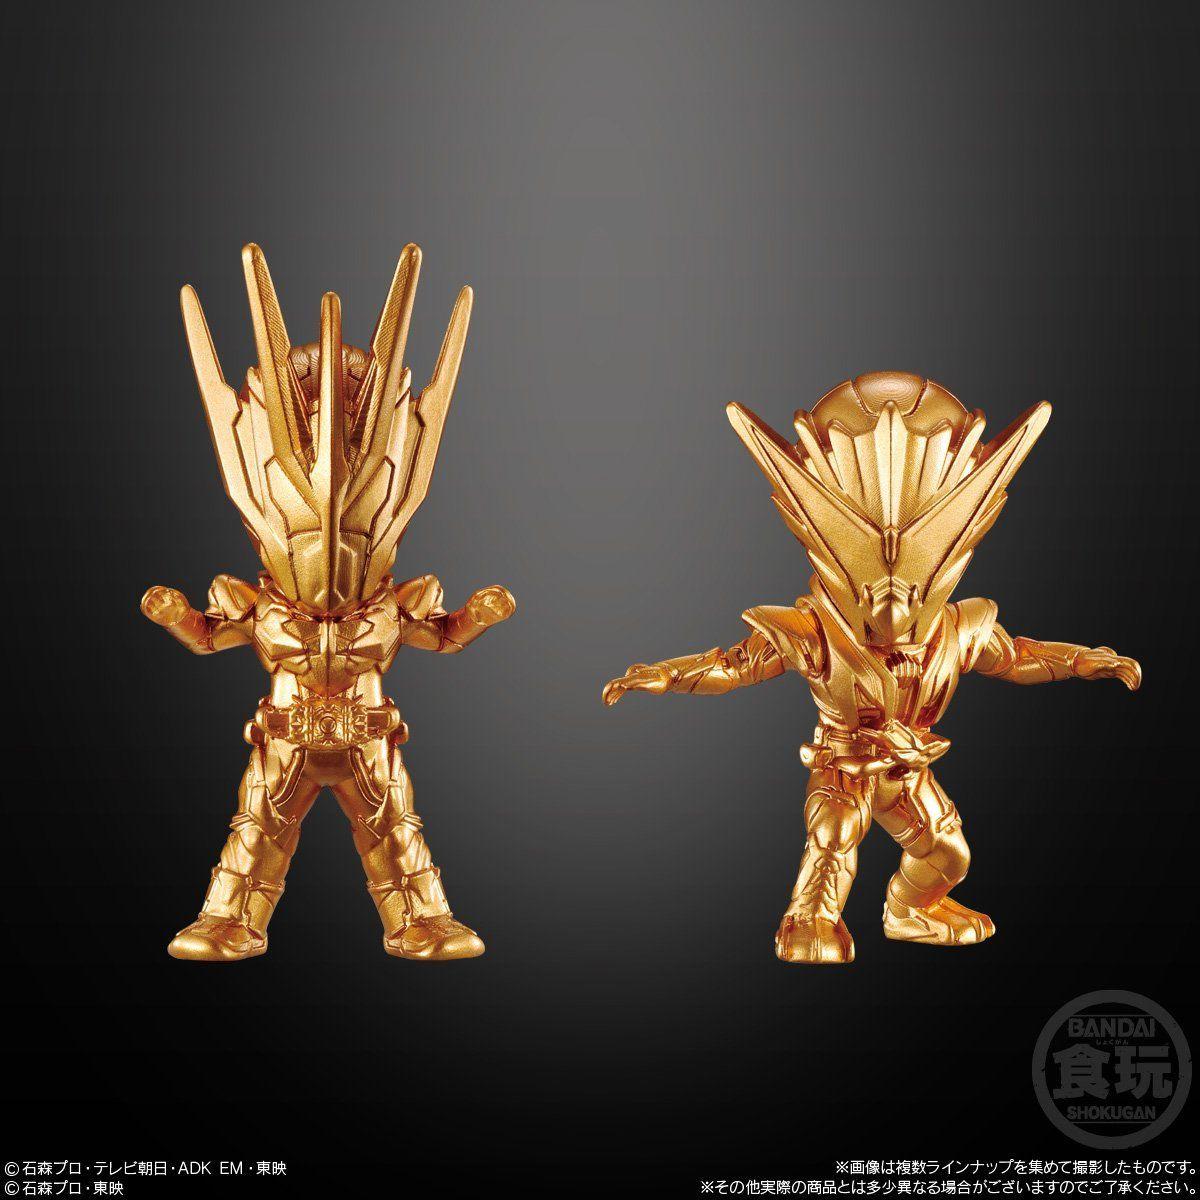 【食玩】『仮面ライダーゴールドフィギュア02』16個入りBOX-003